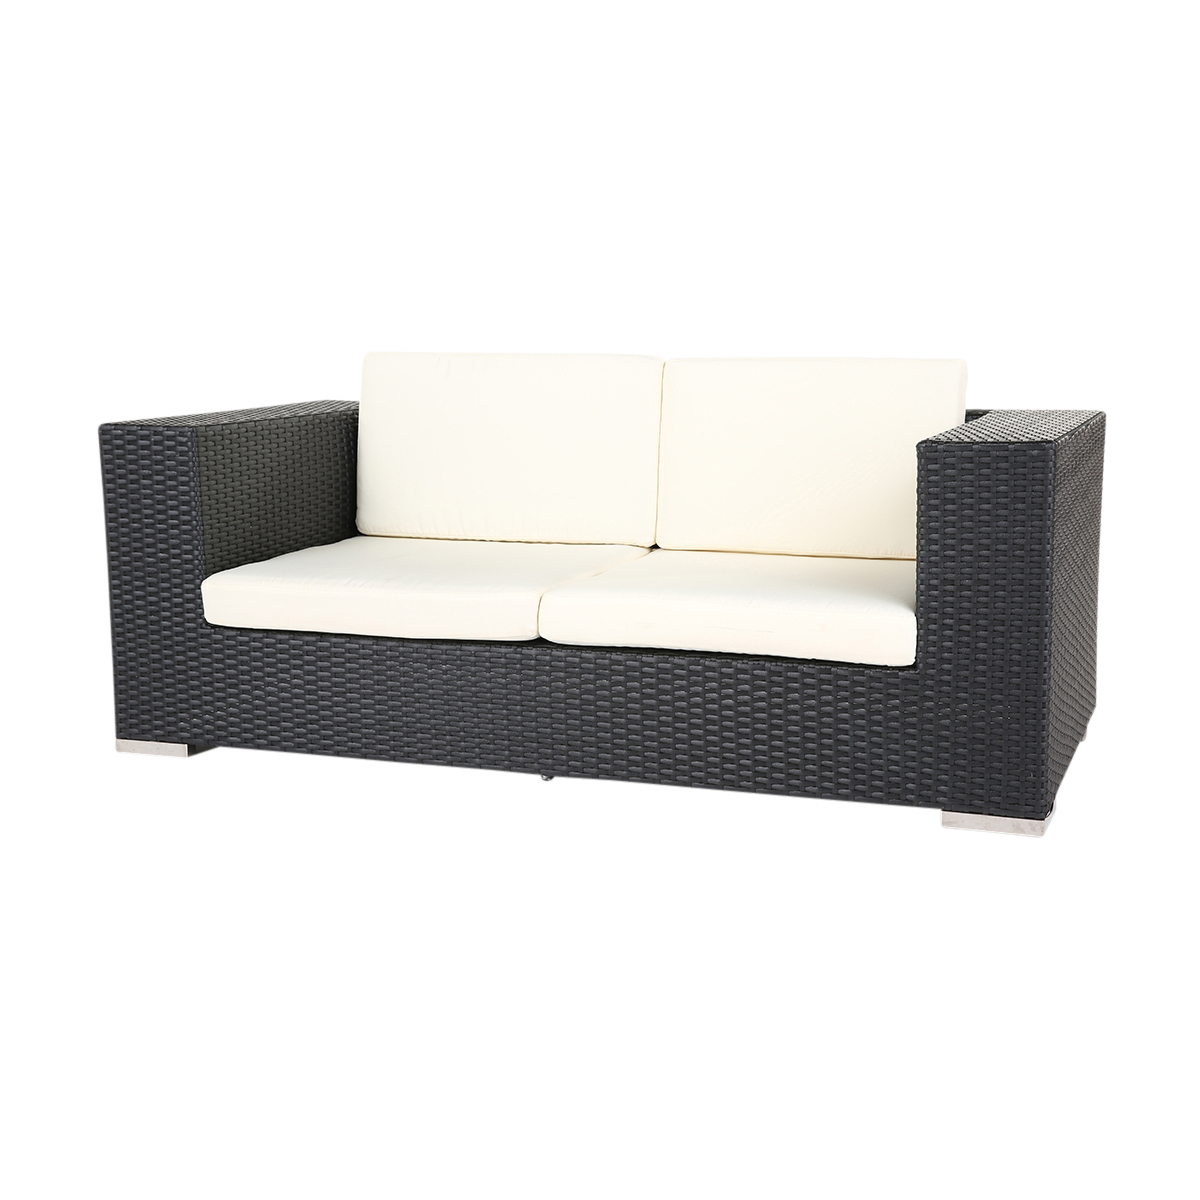 dieeventausstatter Polyrattan 2 Sitzer Sofa anthrazit Sitzkissen weiss